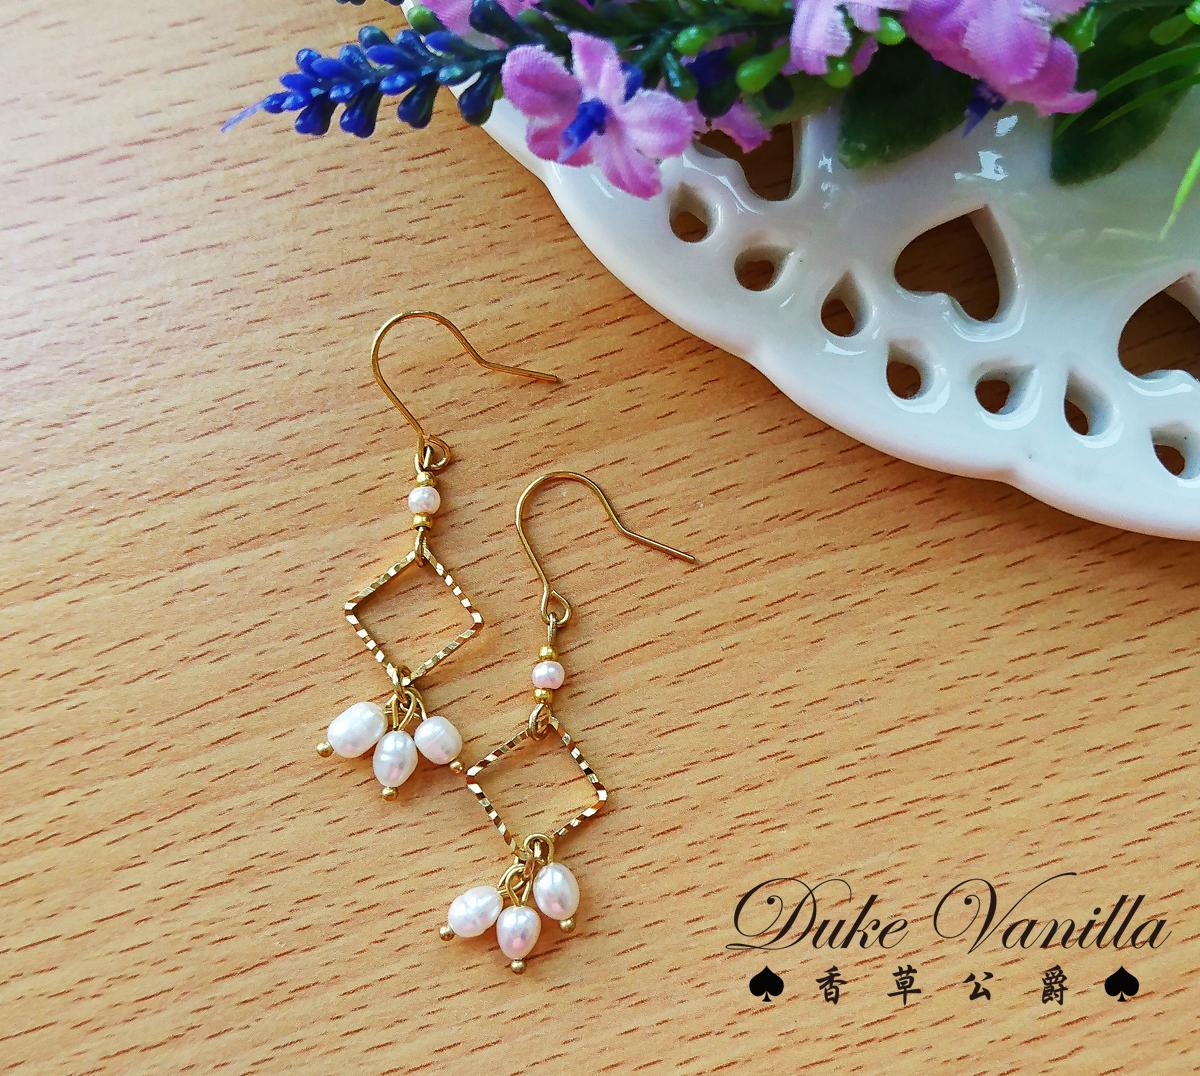 淡水珍珠金框菱型耳環 - Duke Vanilla 香草公爵